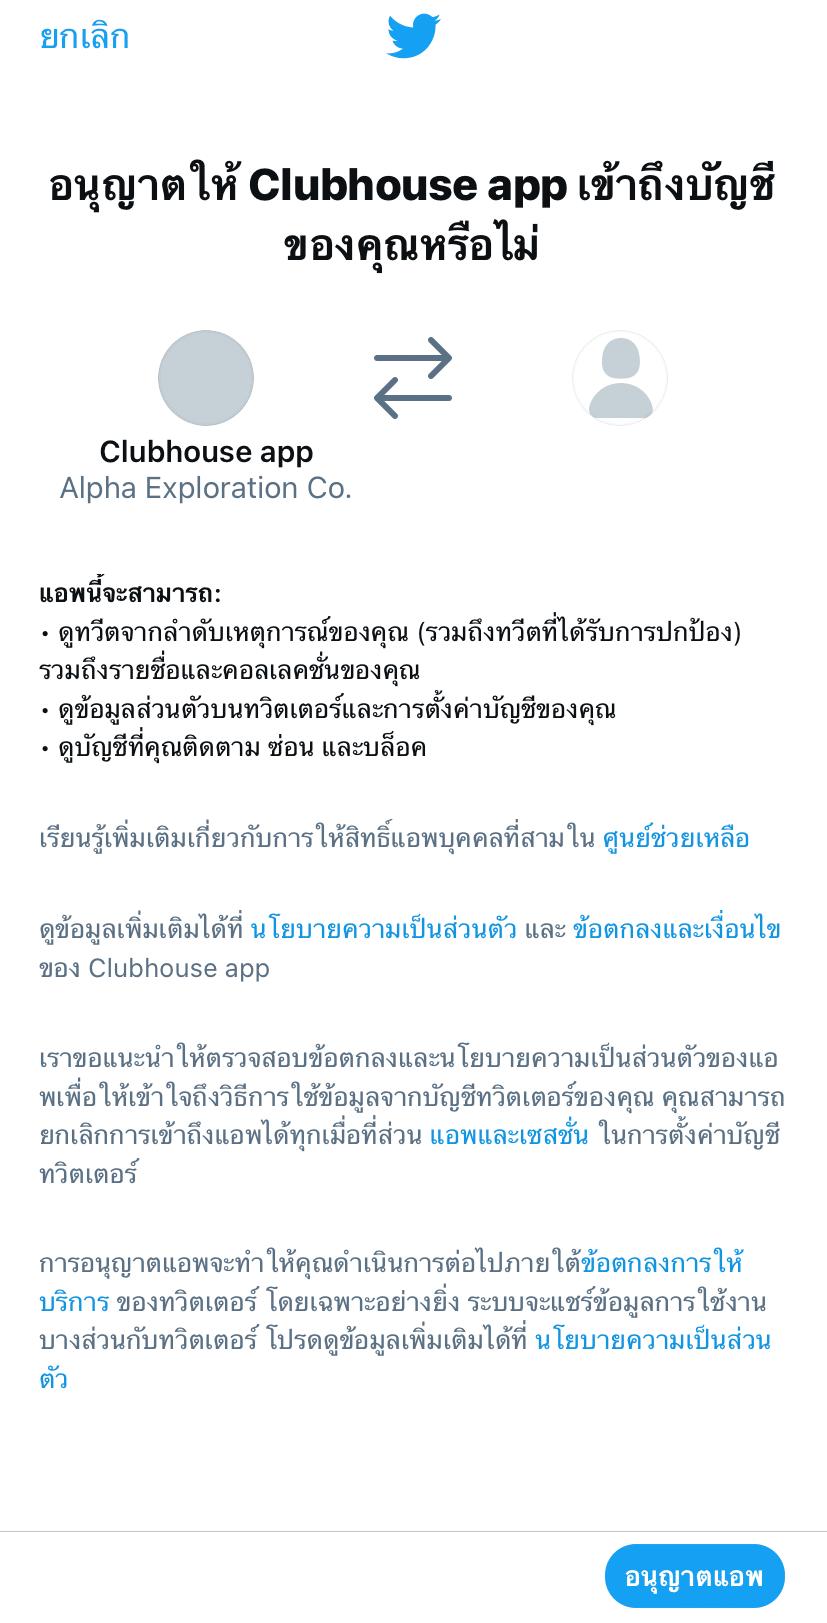 Clubhouse ขอเข้าถึงสิทธิ์แอพทวิตเตอร์